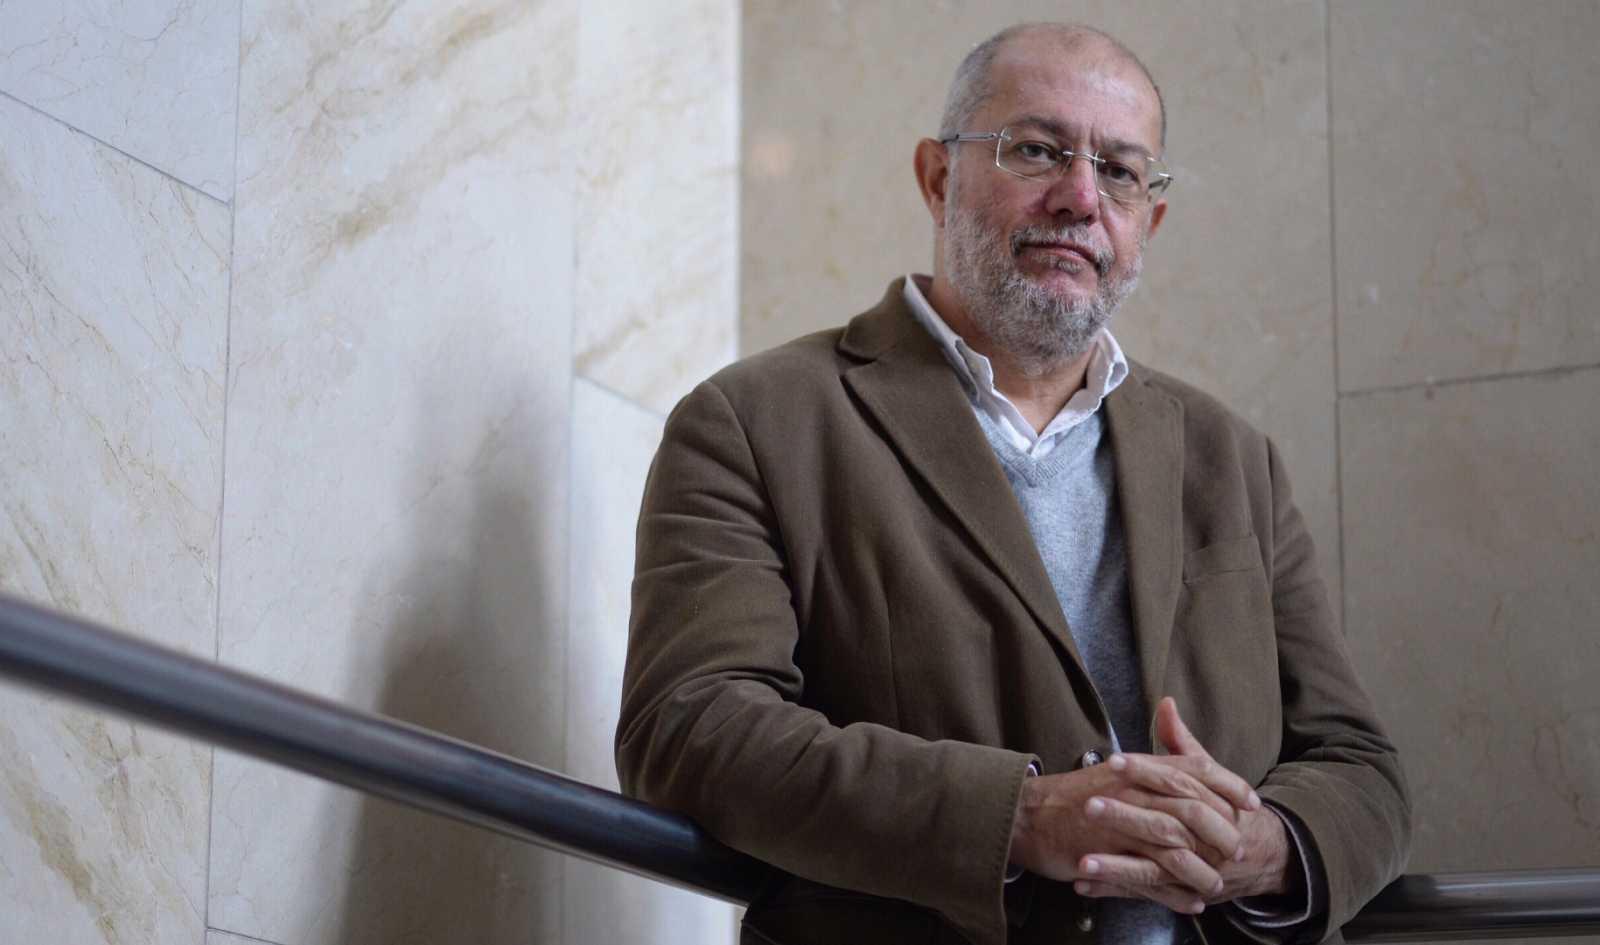 Igea dice que PP y Cs apoyarían en el Congreso la modificación del decreto de alarma para ampliar el toque de queda a las 20:00